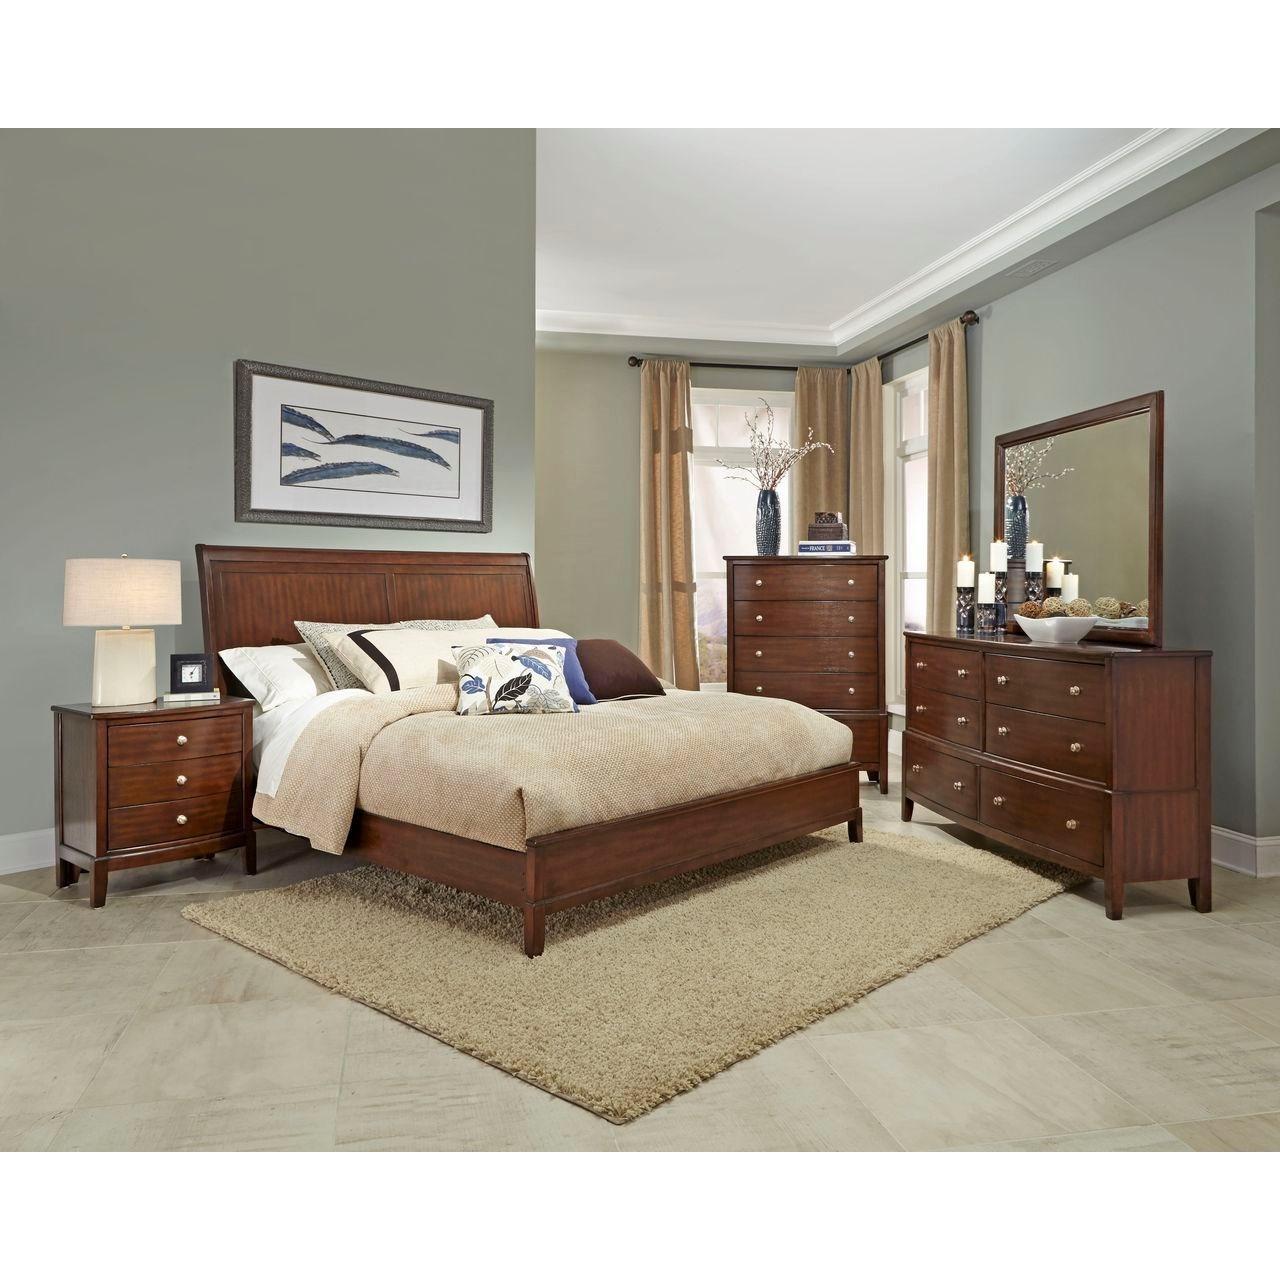 furniture fair bedroom sets - 28 images - bedroom furniture fair ...